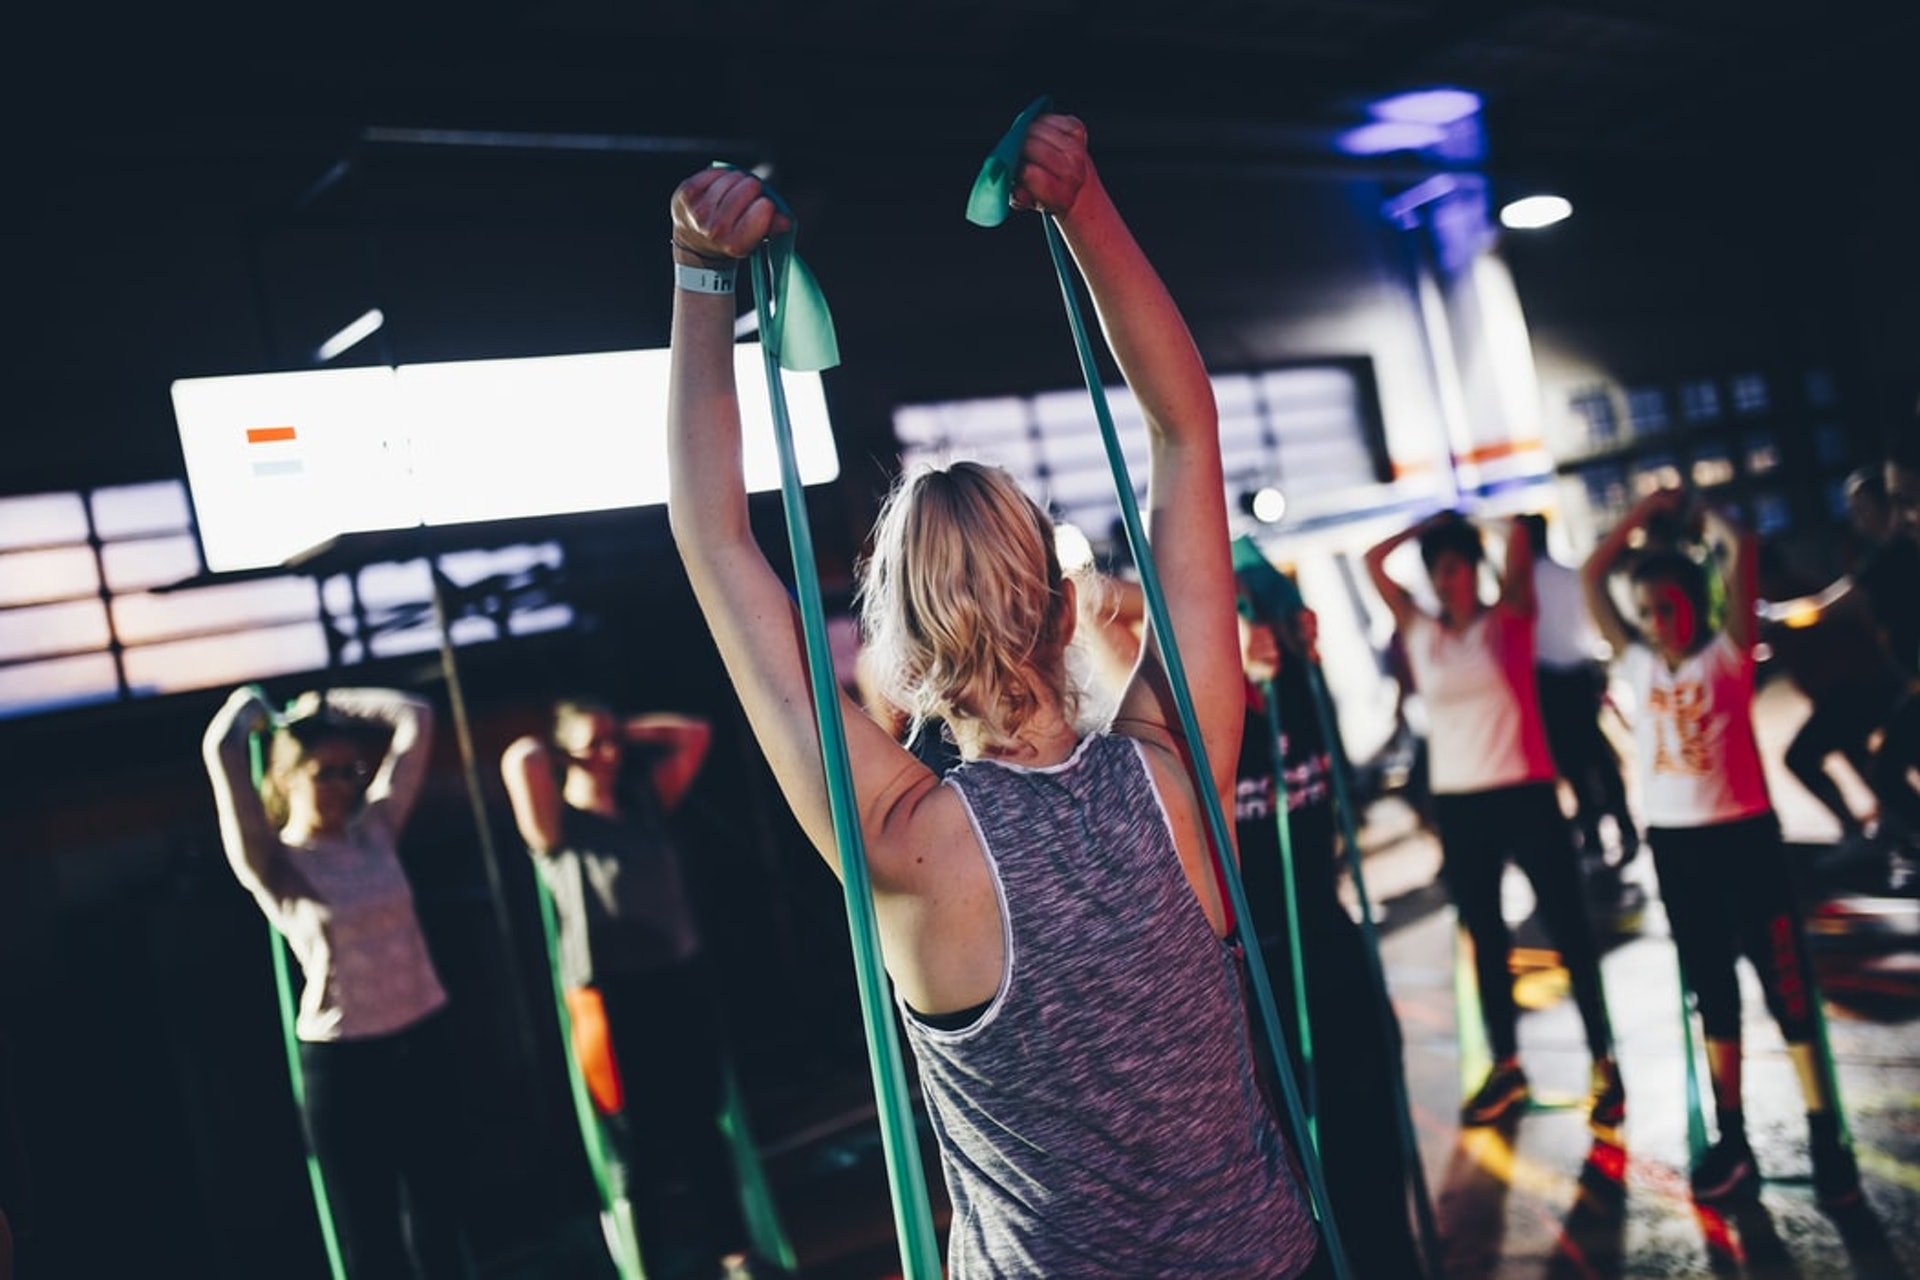 彈力帶是運動新手的入門之選,相較其他運動,如重量訓練,受傷的機會較低。(Unsplash_shotsbywolf)